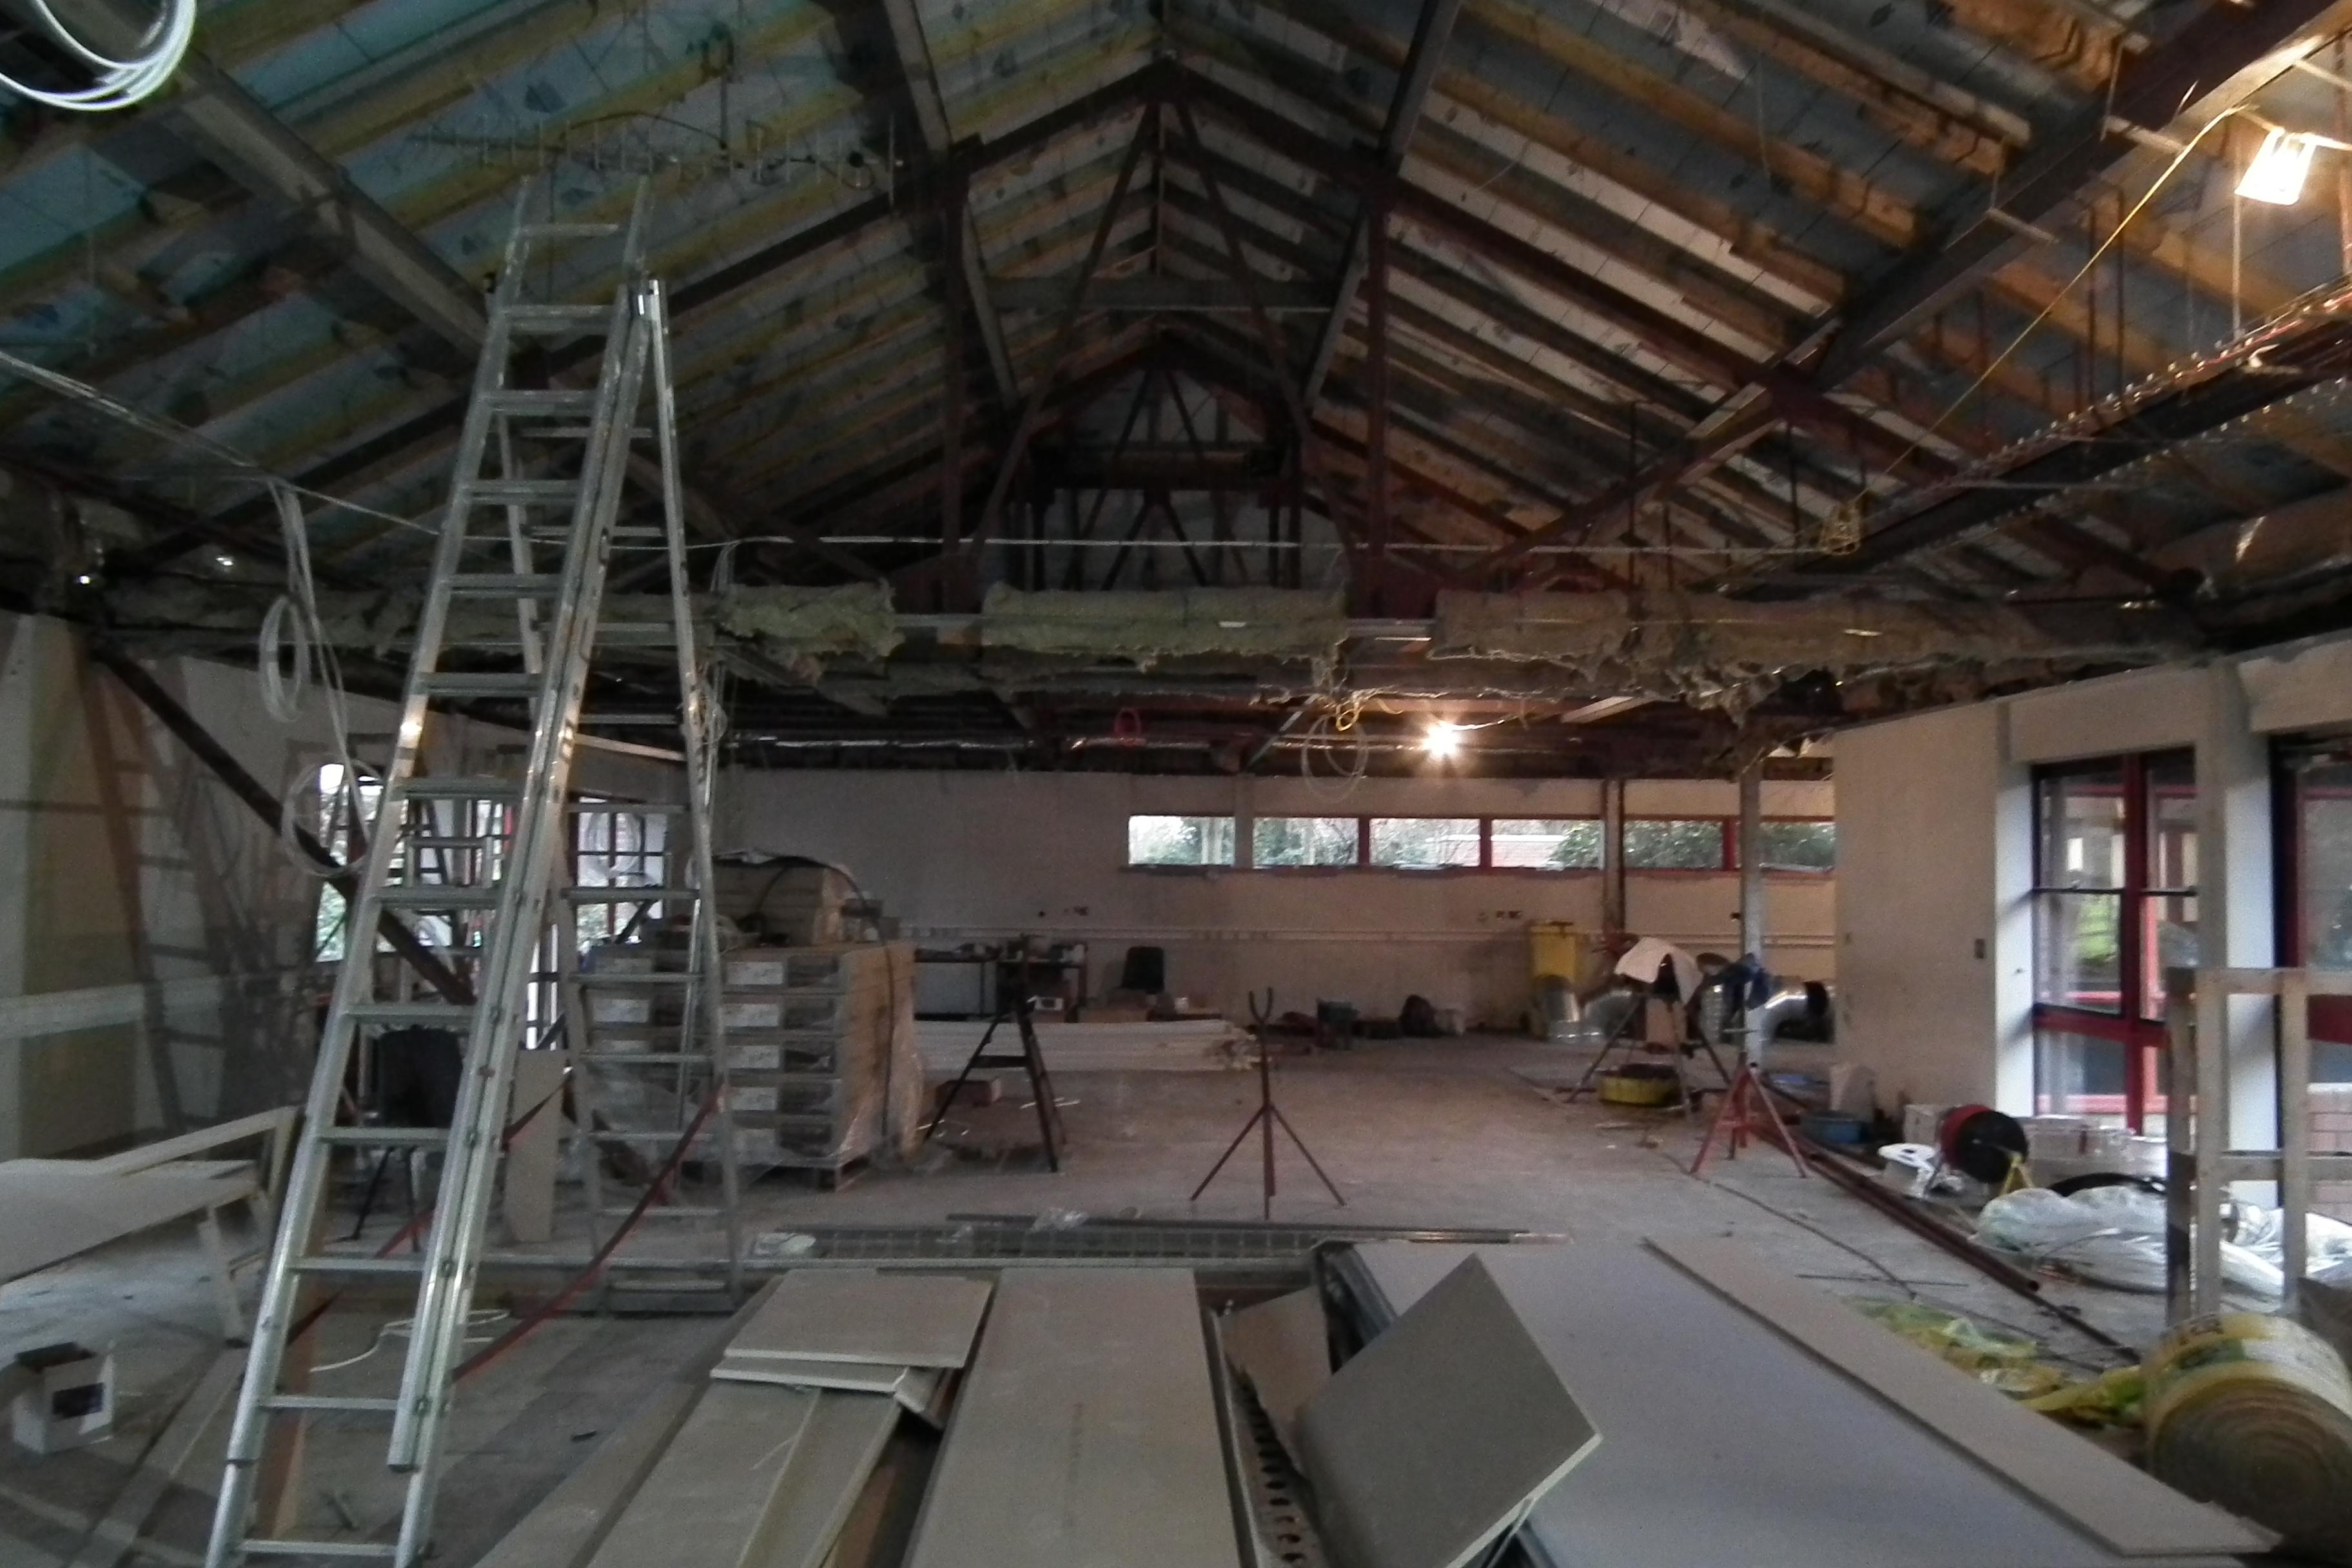 Arden Construction Saltway Centre Refurbishment Arden